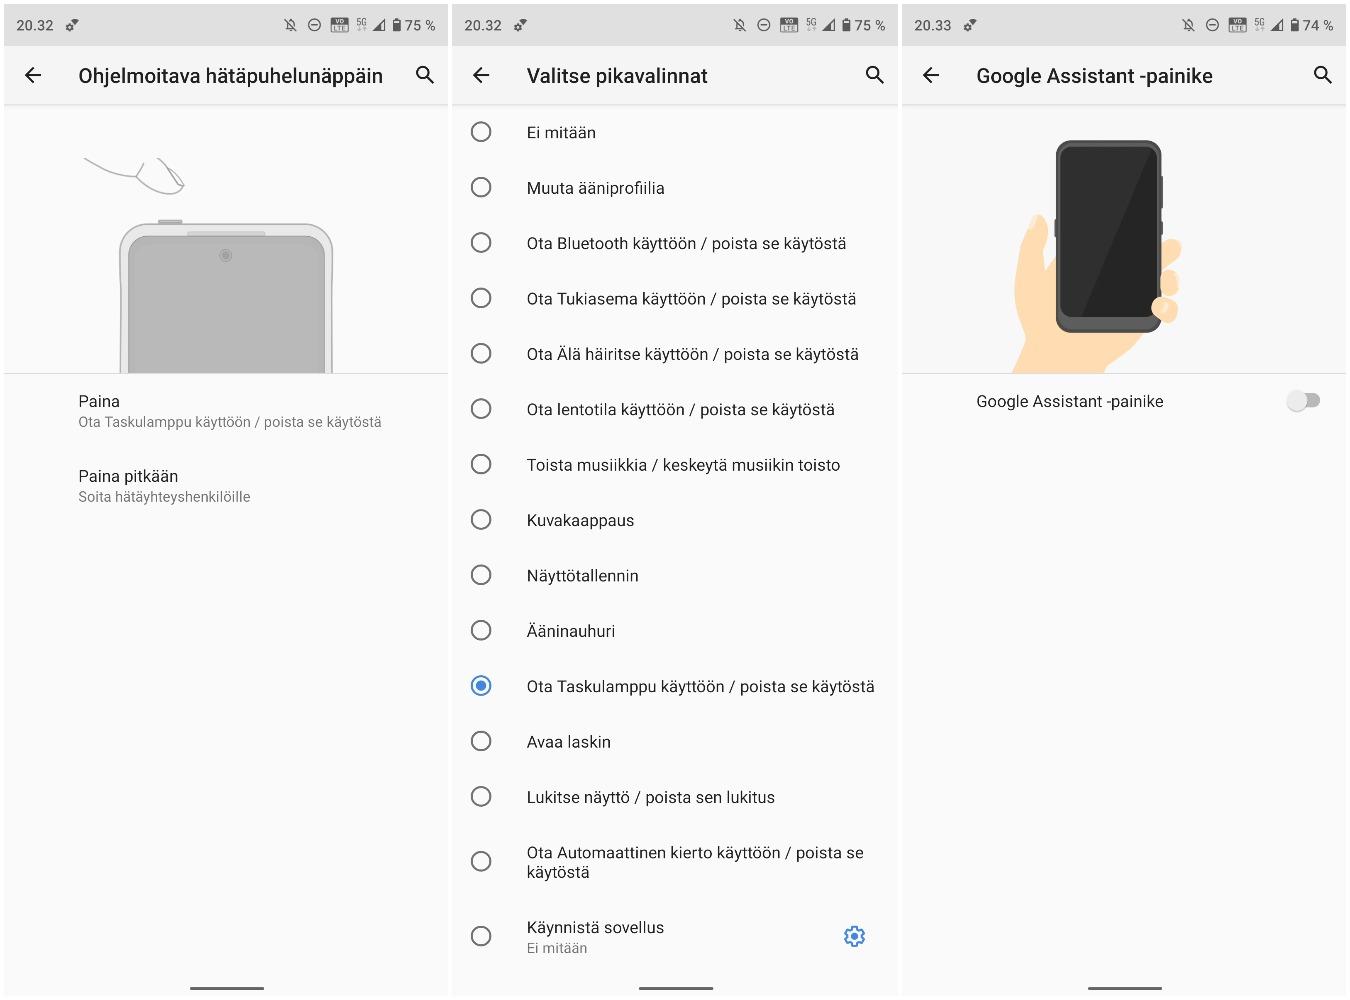 Yläpään painikkeelle voi valita toiminnot laajasta valikoimasta vaihtoehtoja. Vasemman kyljen Google Assistant -painike sen sijaan on joko Assistant-käytössä tai ei käytössä ollenkaan.